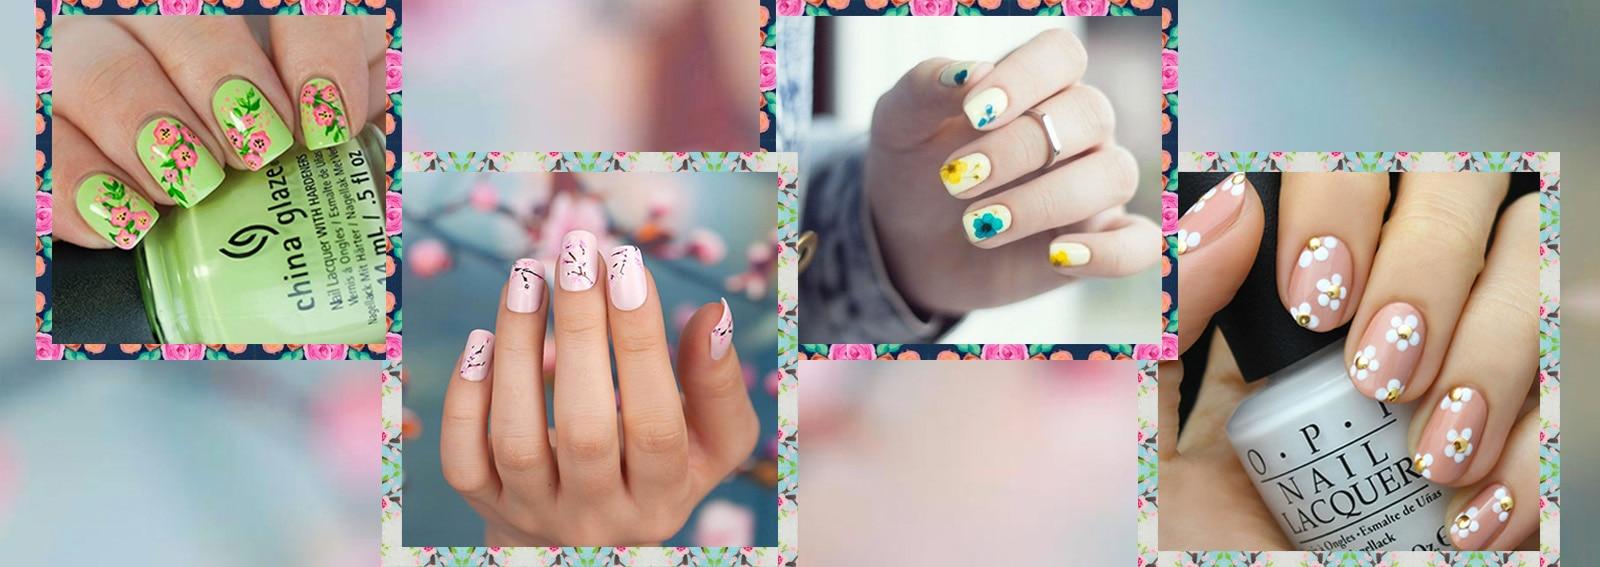 cover-nail-art-fiorite-la-manicure-desktop